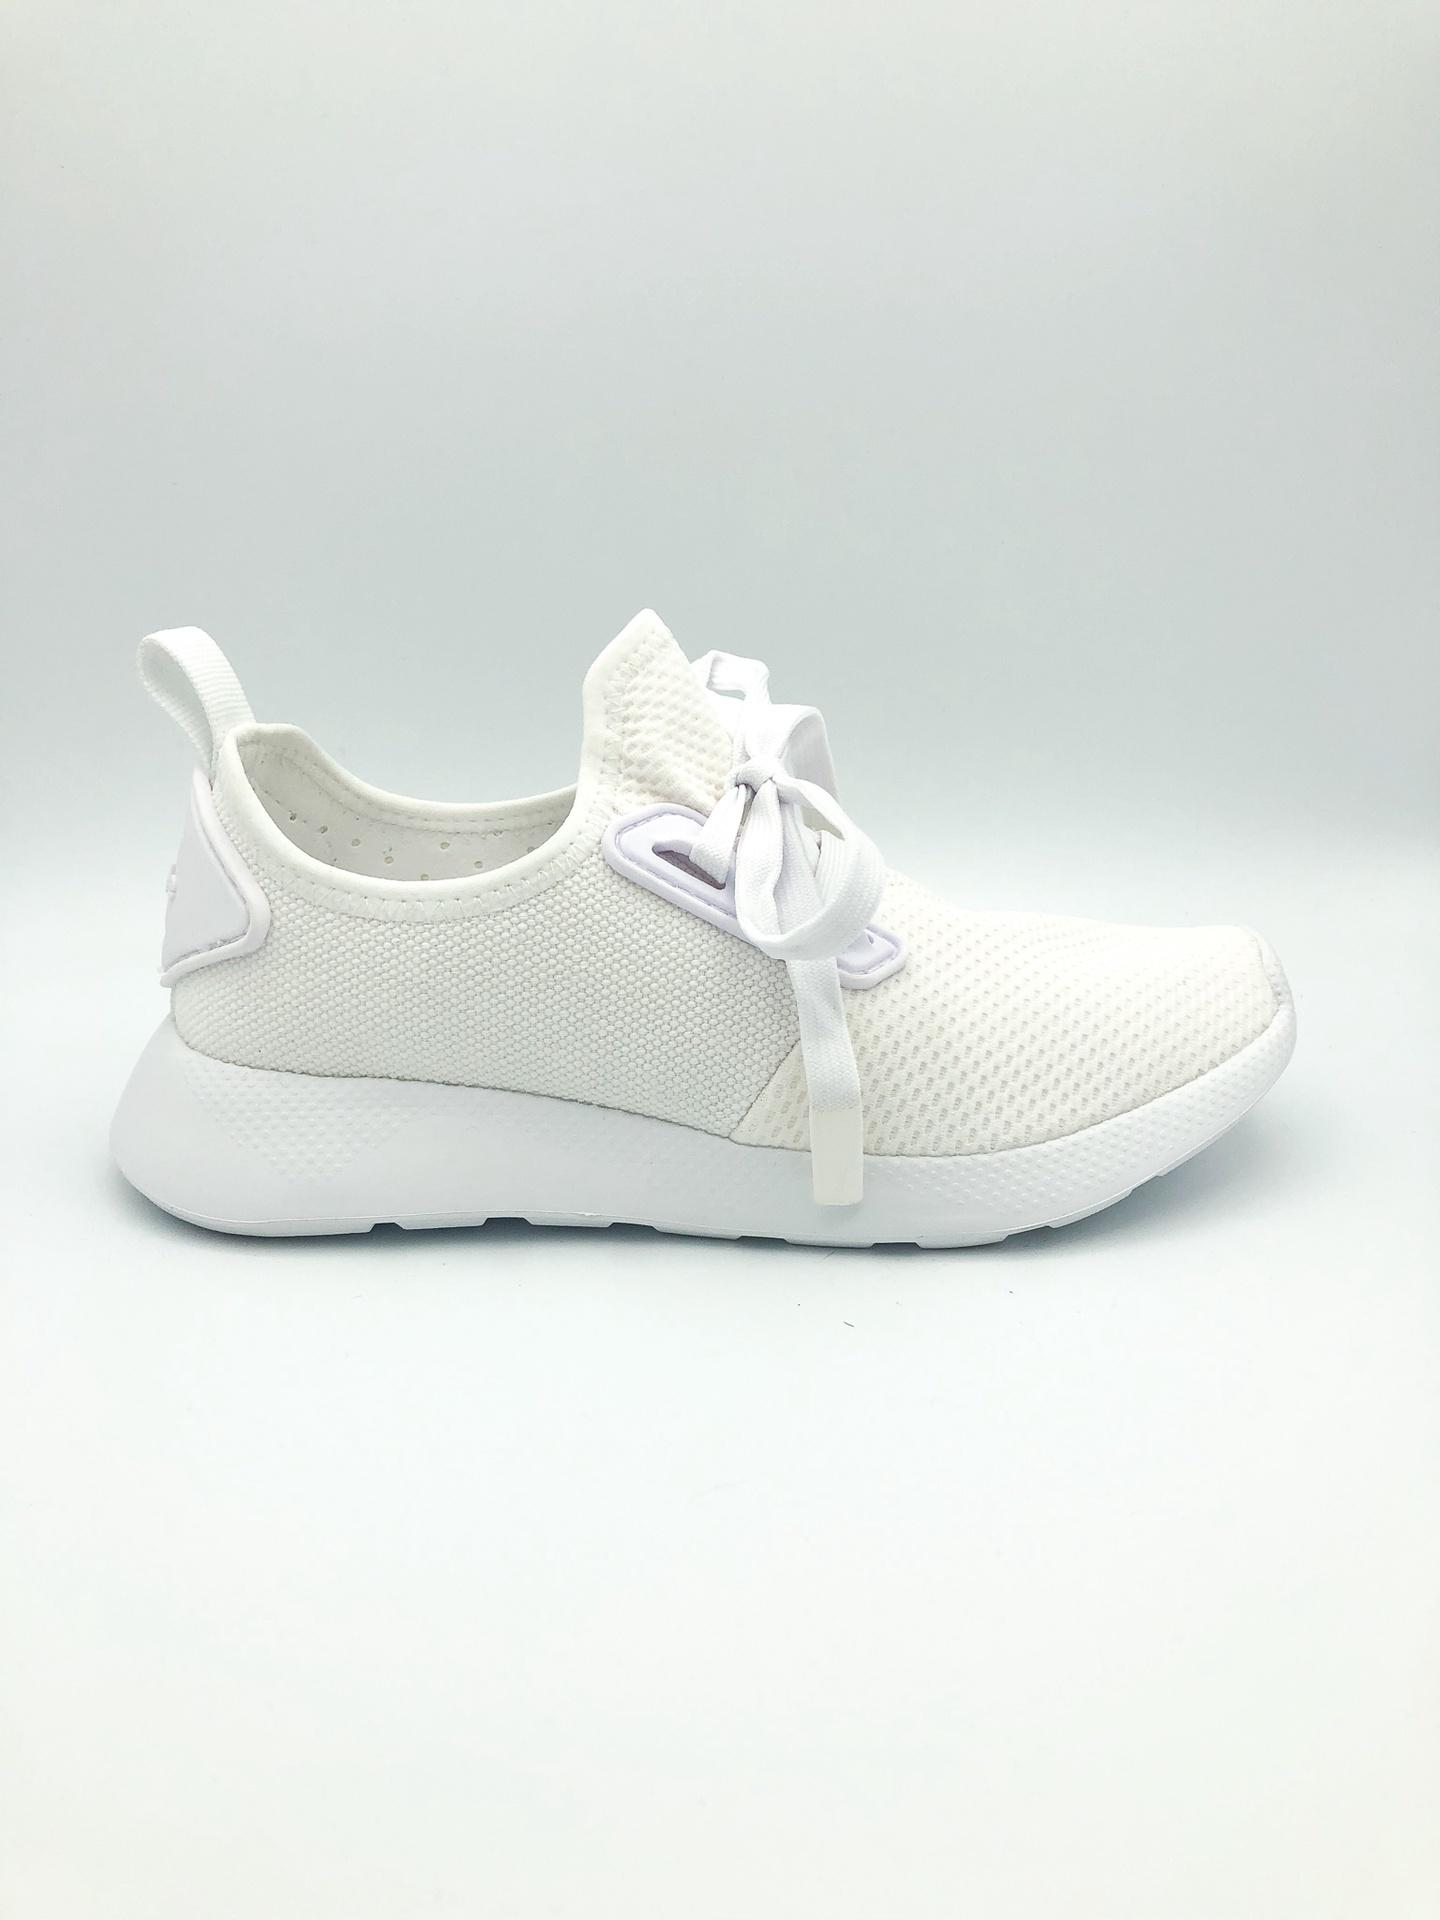 PEOPLE FOOTWEAR - THE WALDO KNIT IN YETI WHITE/YETI WHITE